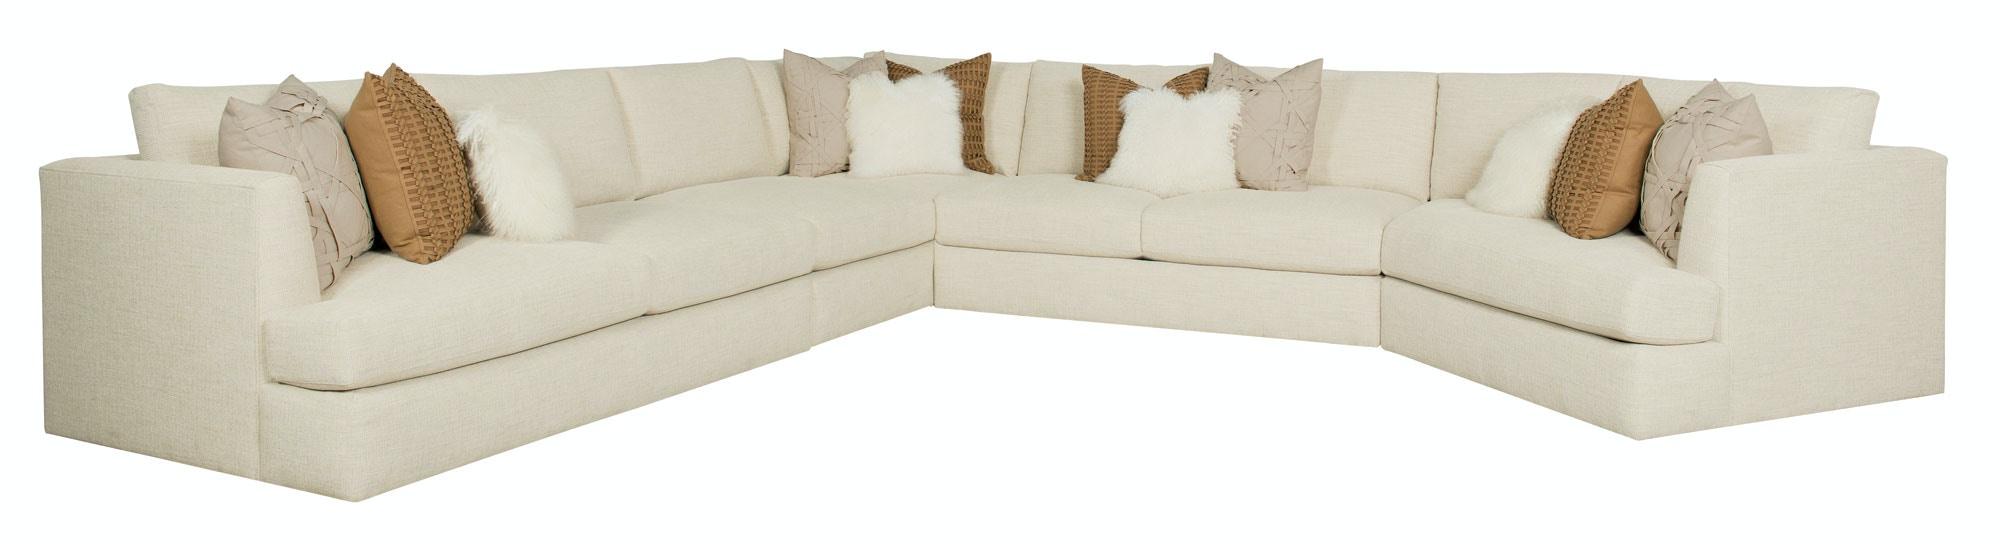 Bernhardt Furniture. B9442, B9430, B9432, B9440, B9437